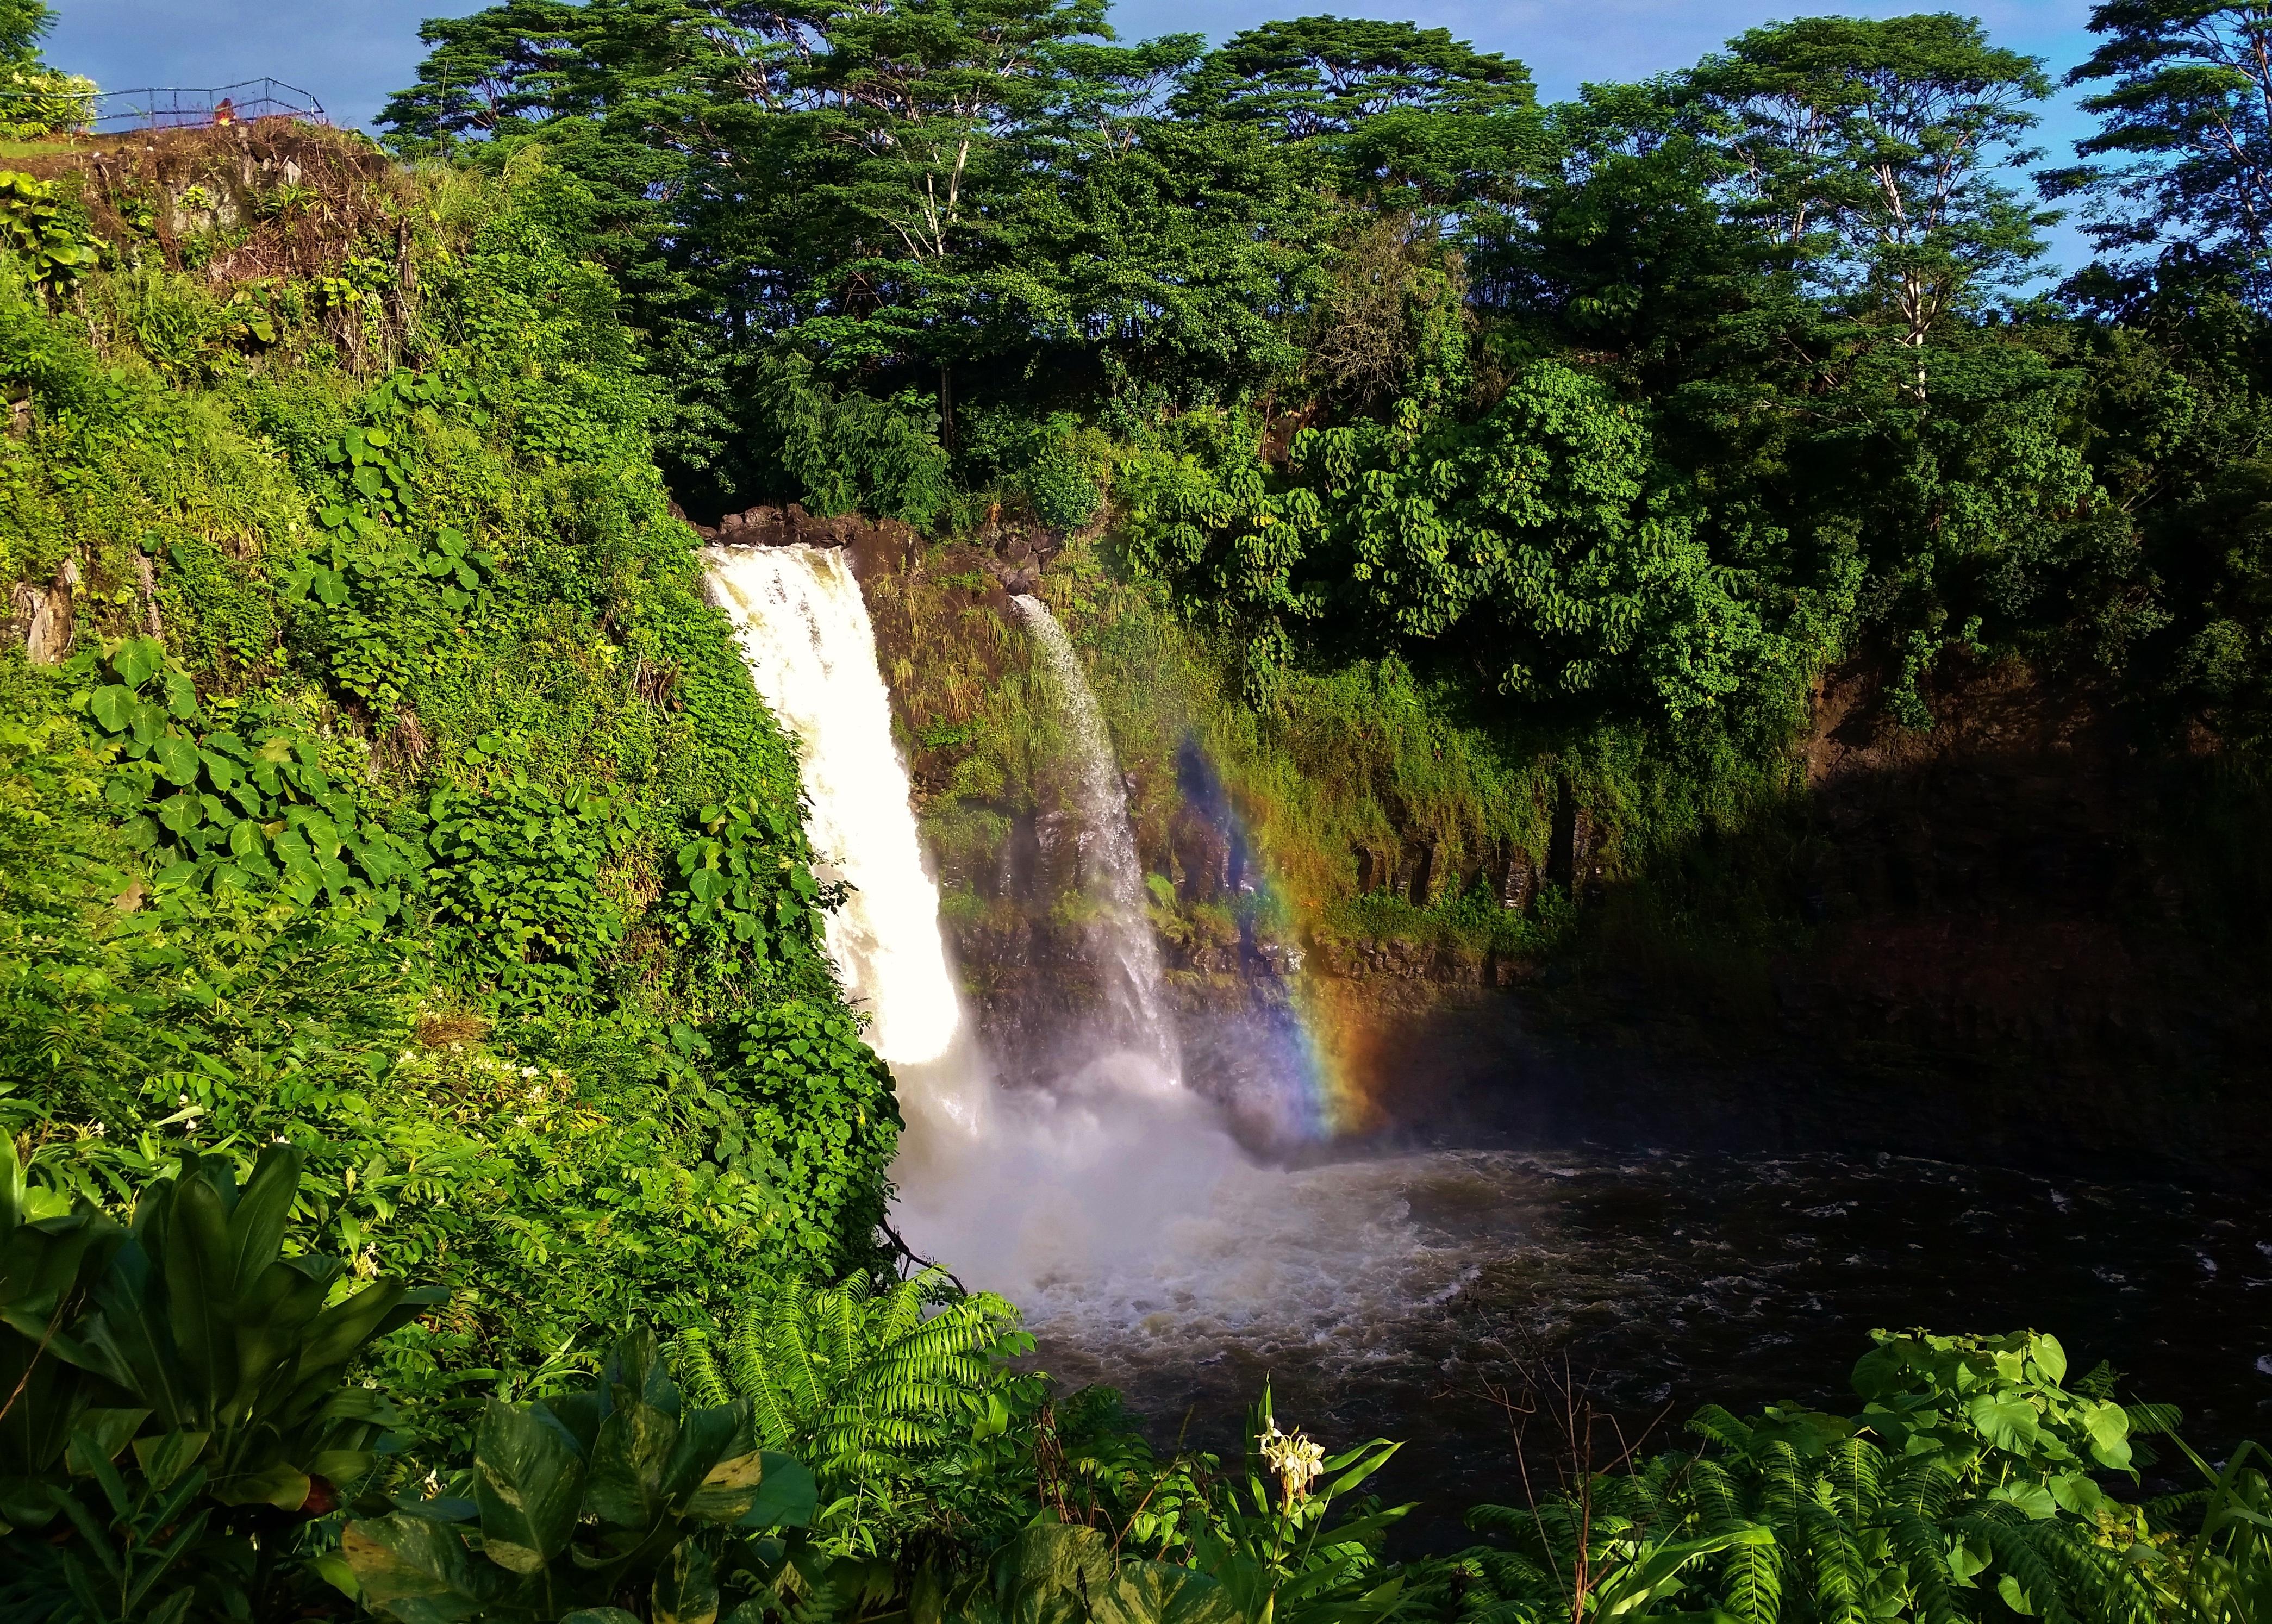 Rainbow Falls 2 volcano mountain retreat b&b big island hawaii